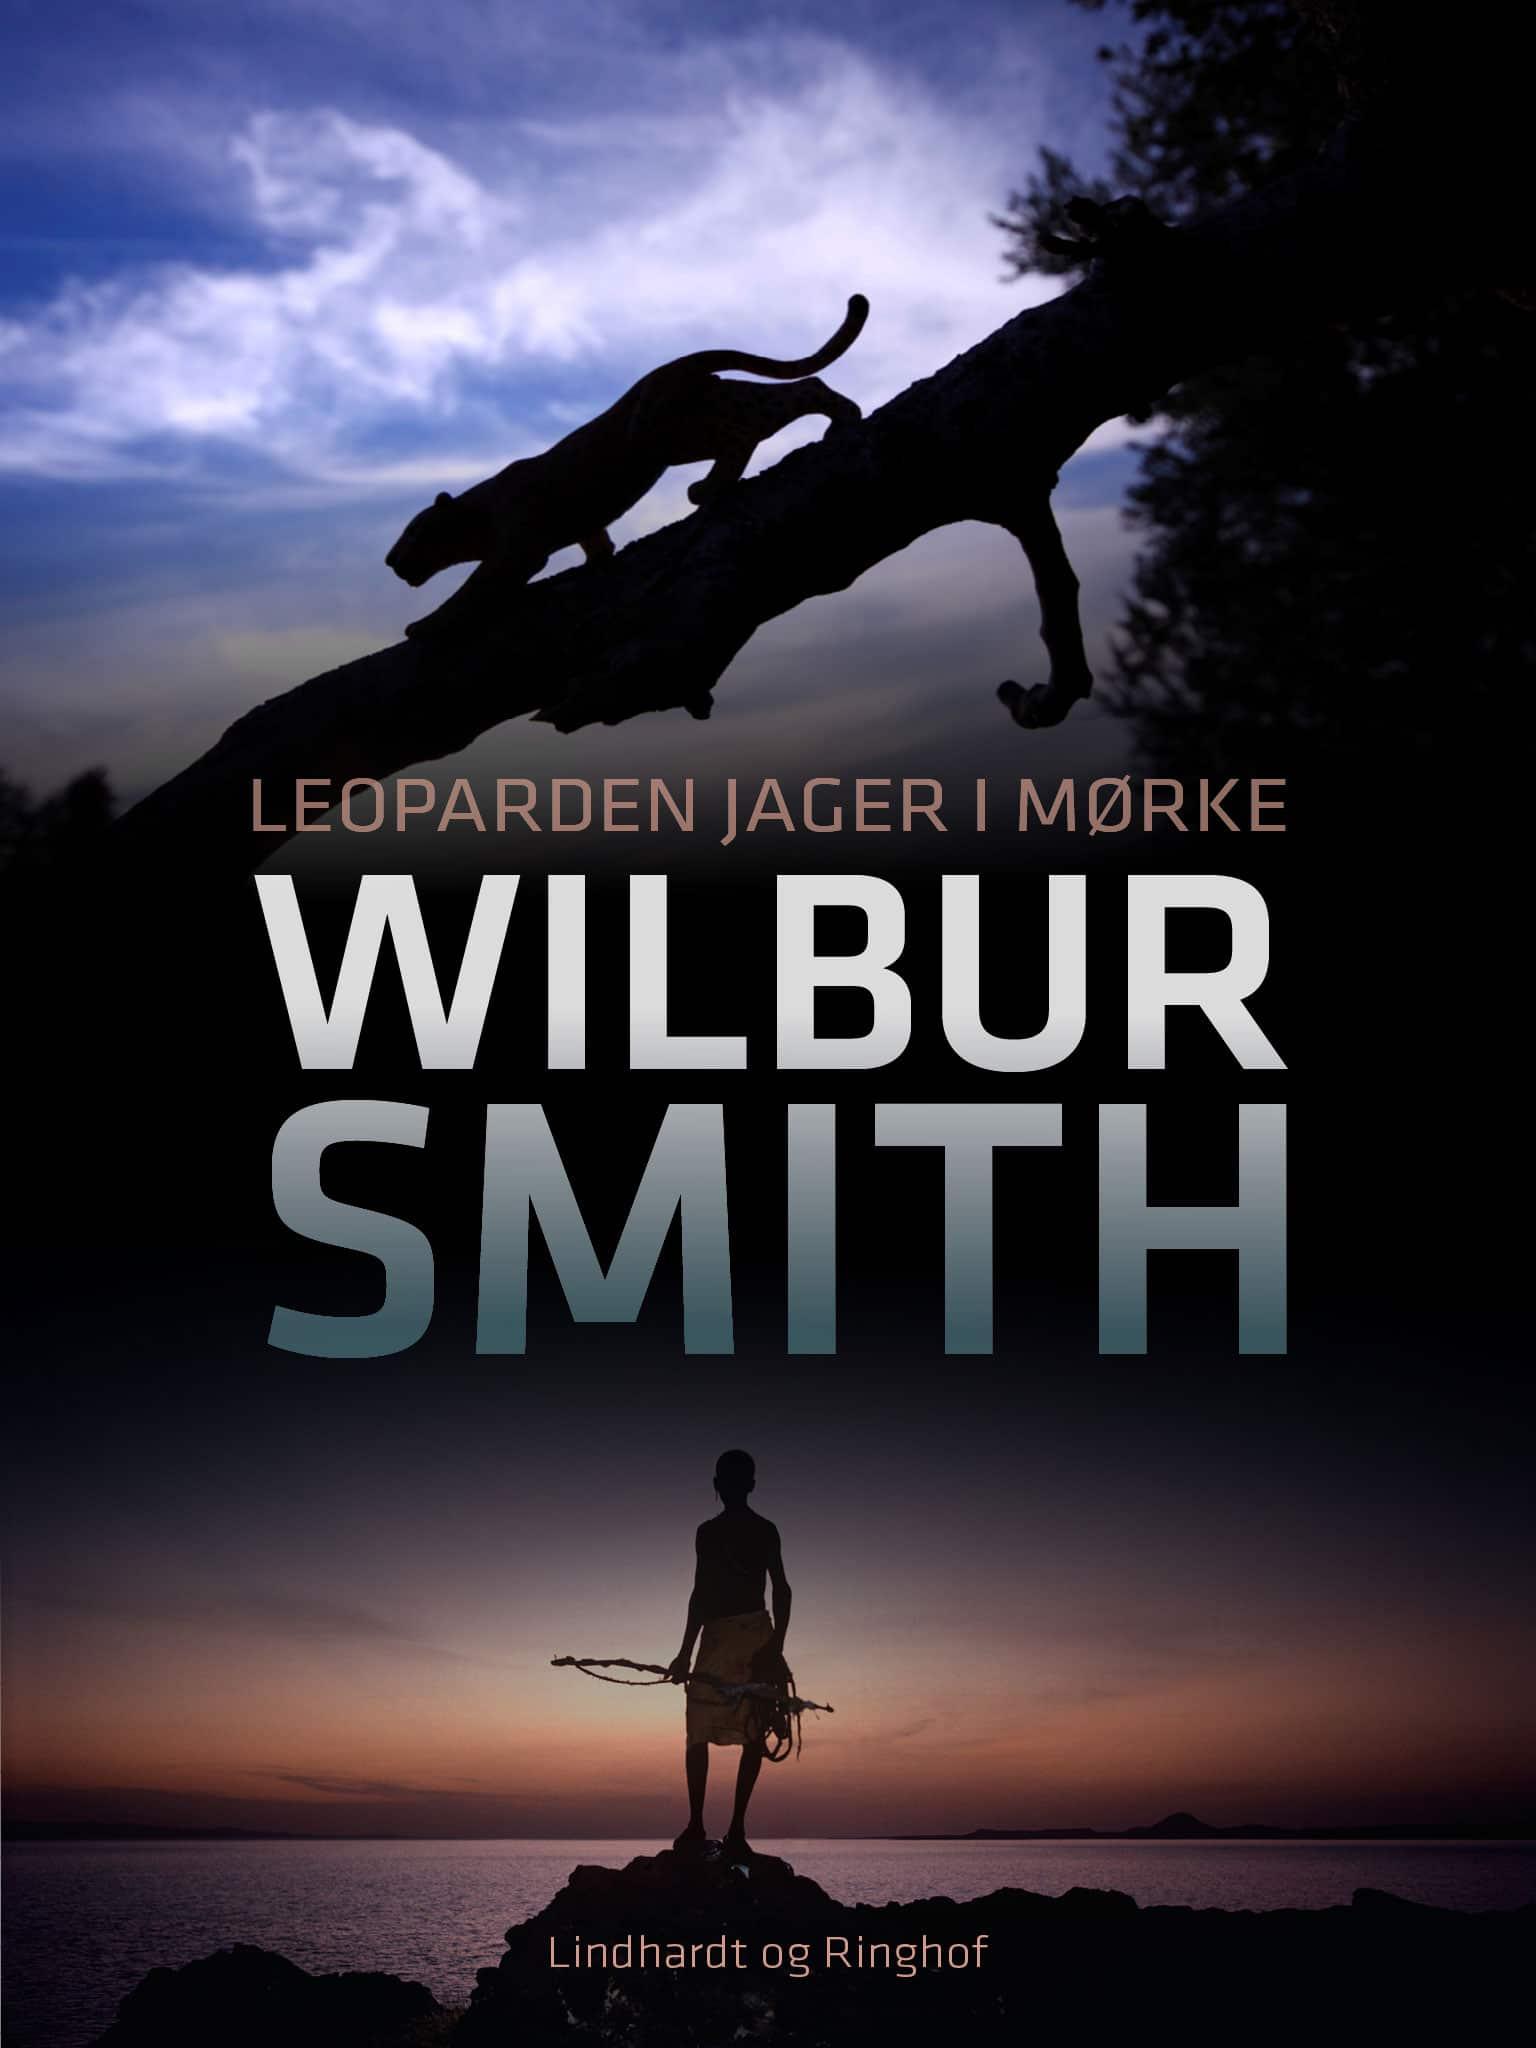 Leoparden jager i mørke, Wilbur Smith, Ballantyne, Ballantyne-serien